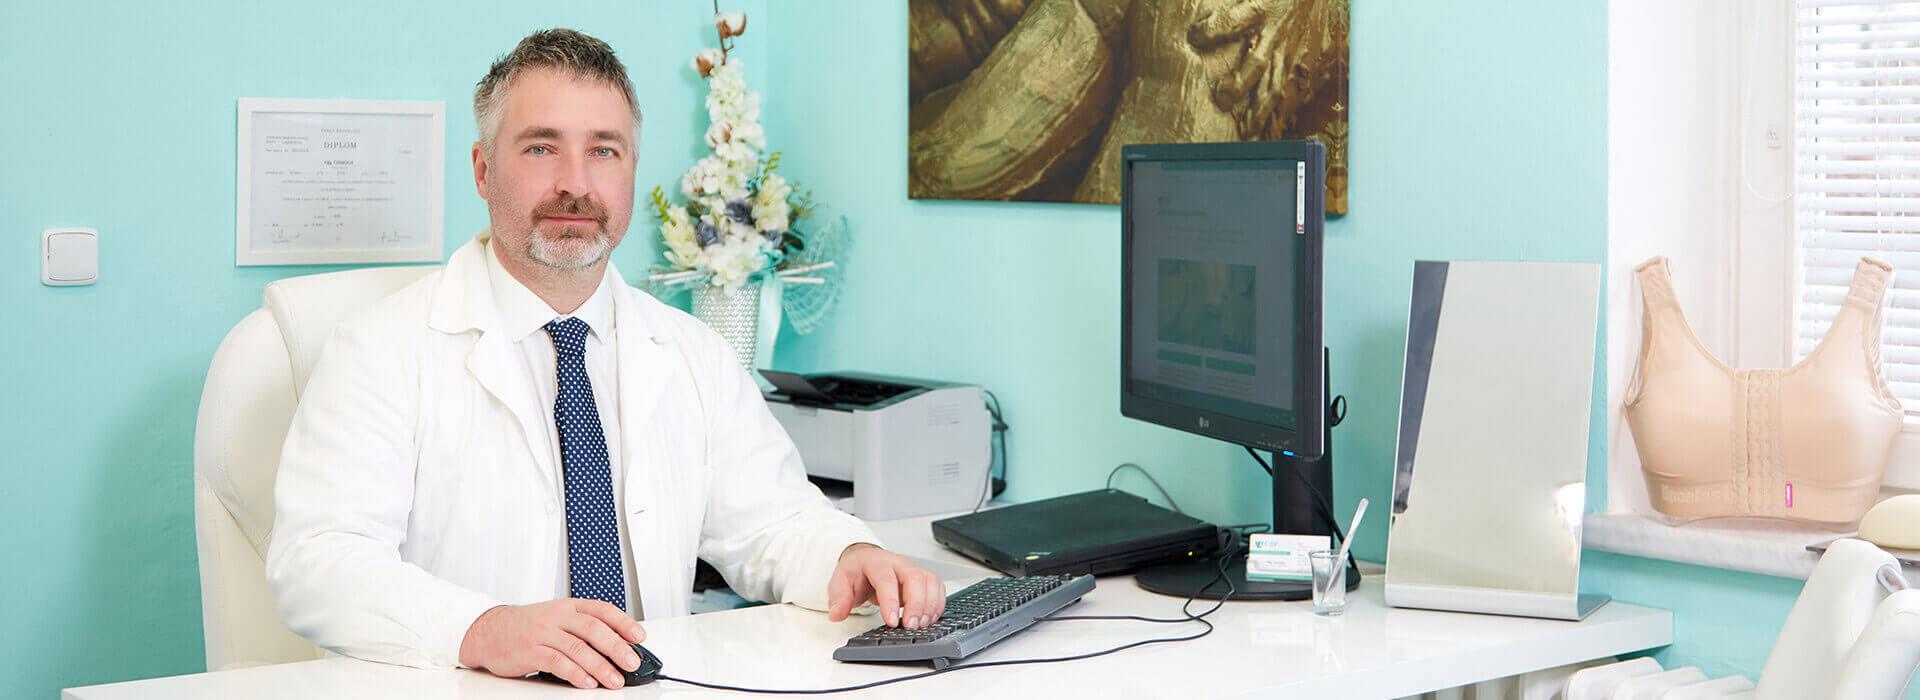 prim. MUDr. FILIP ČERNOCH estetická a plastická chirurgie CBP Klinika